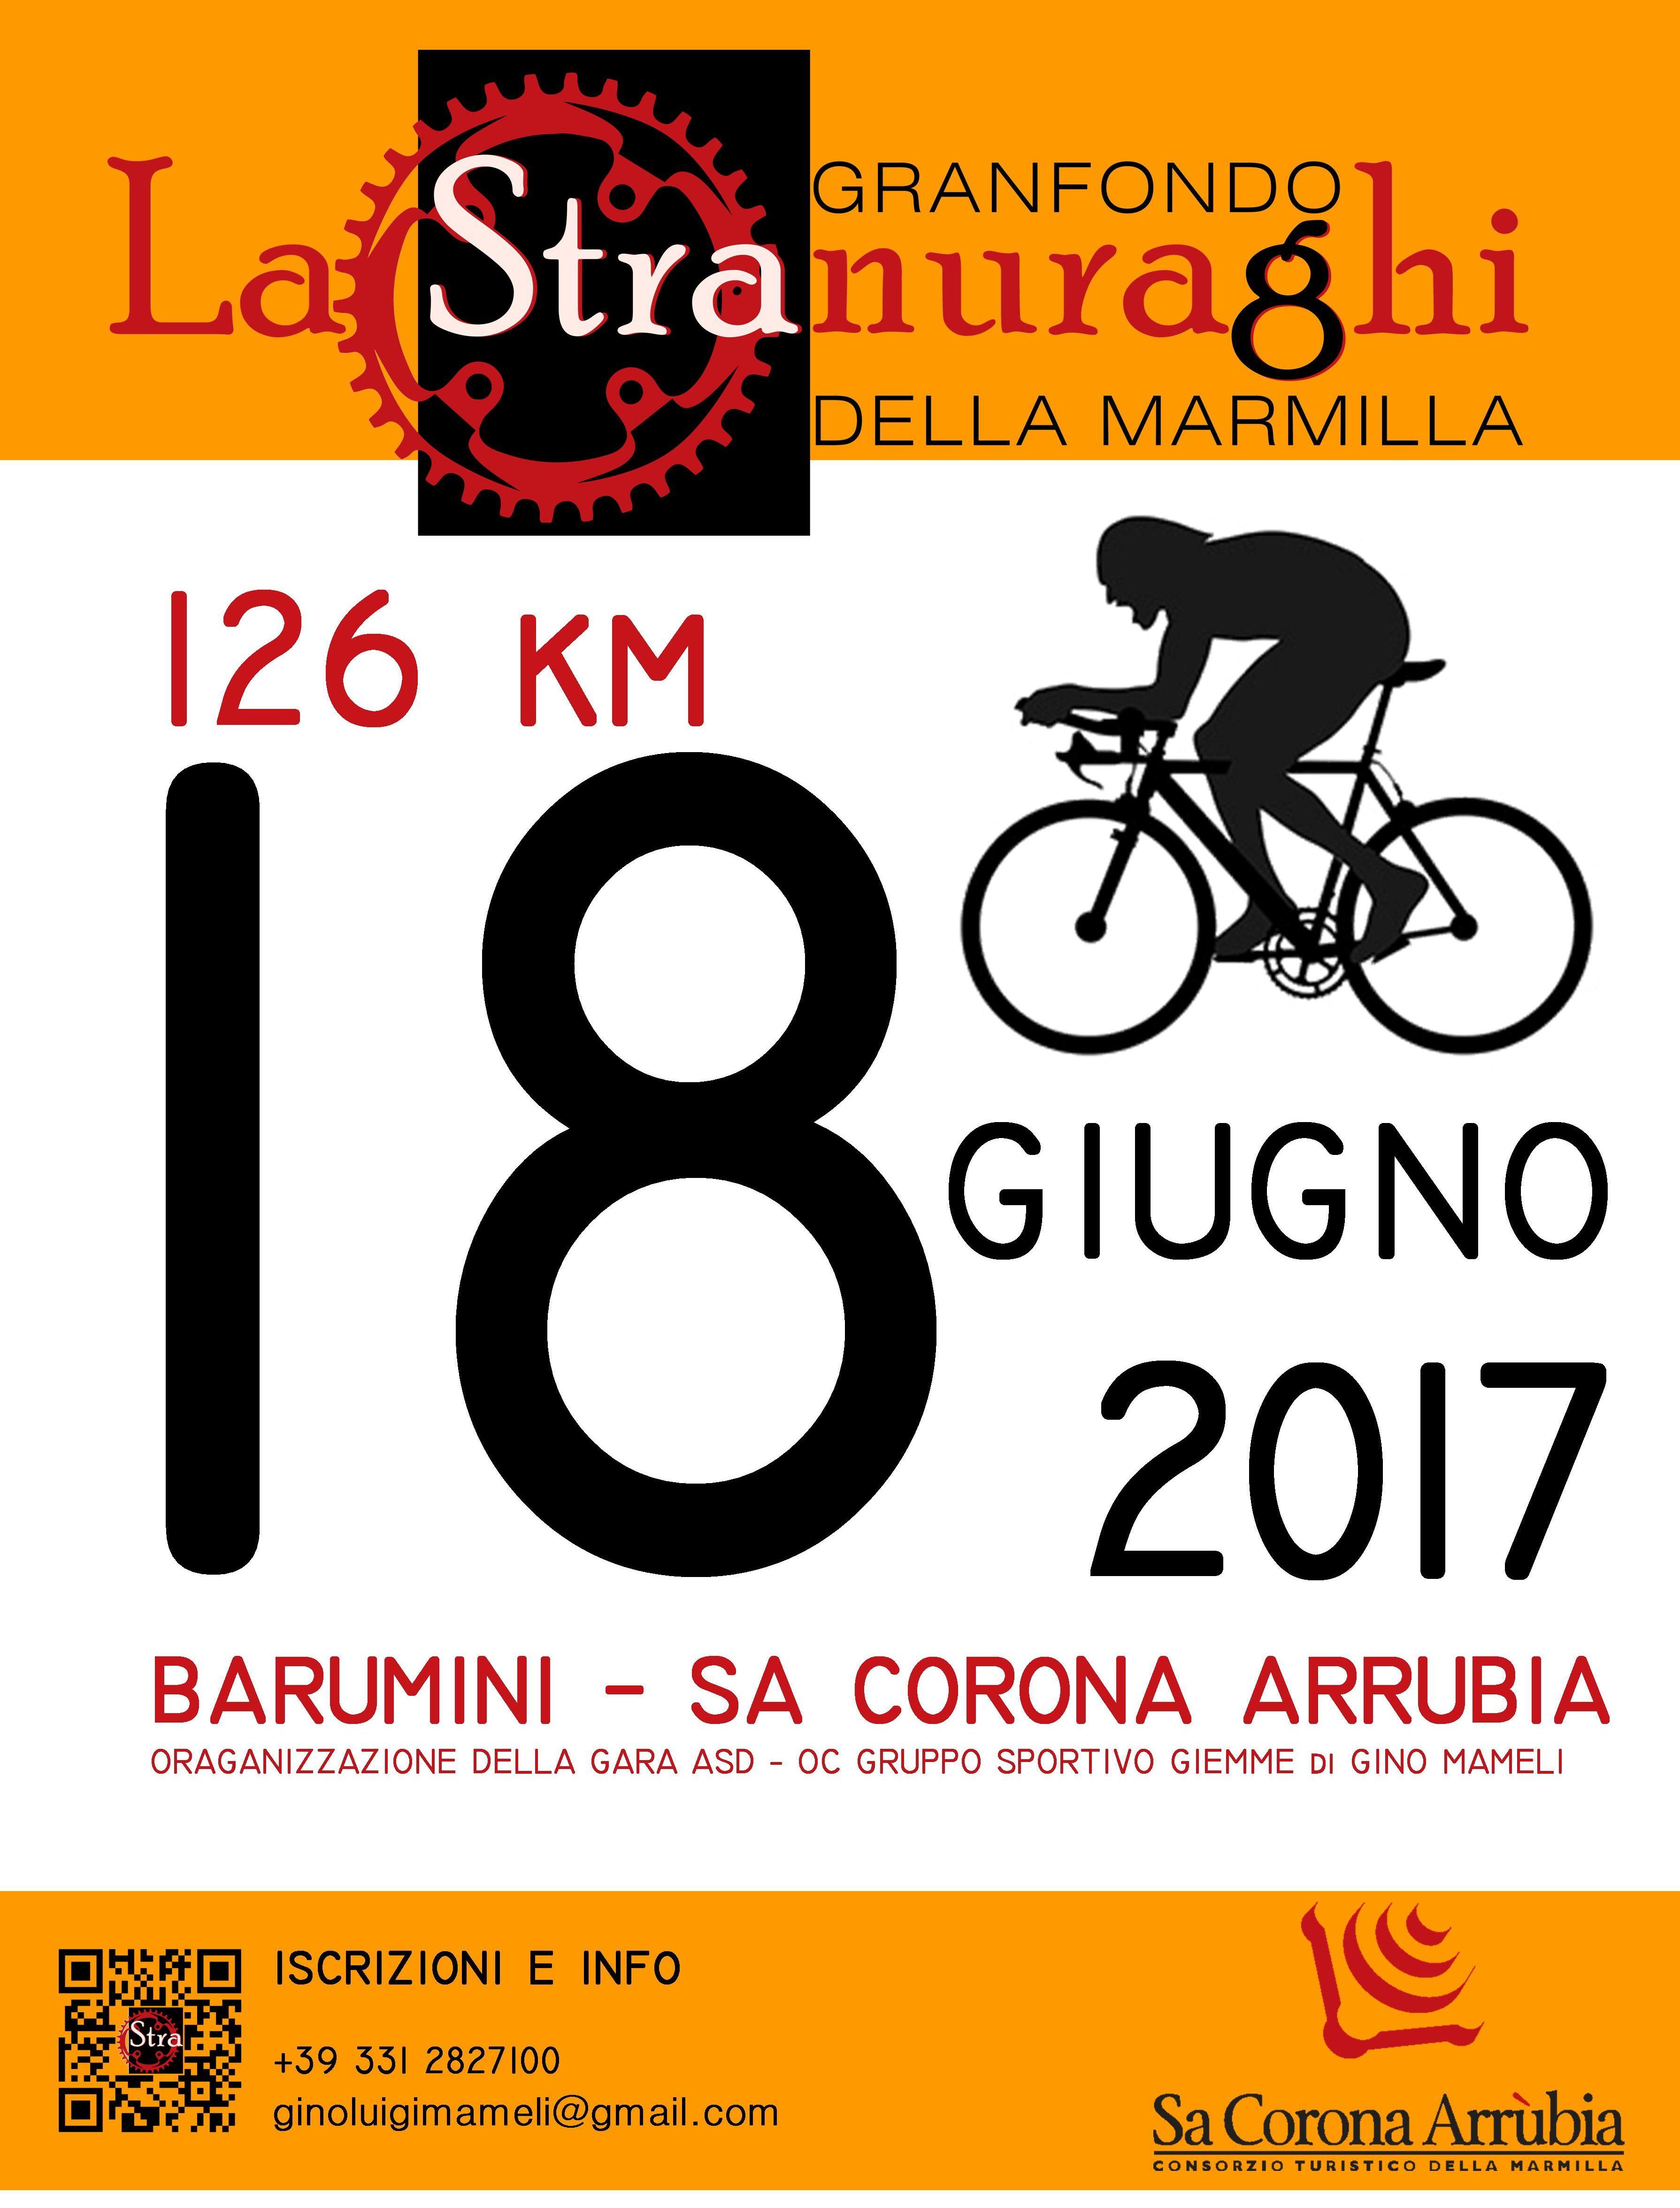 La gara ciclistica denominata LA STRANURAGHI – GRANFONDO DELLA MARMILLA si terrà il 18 giugno 2017